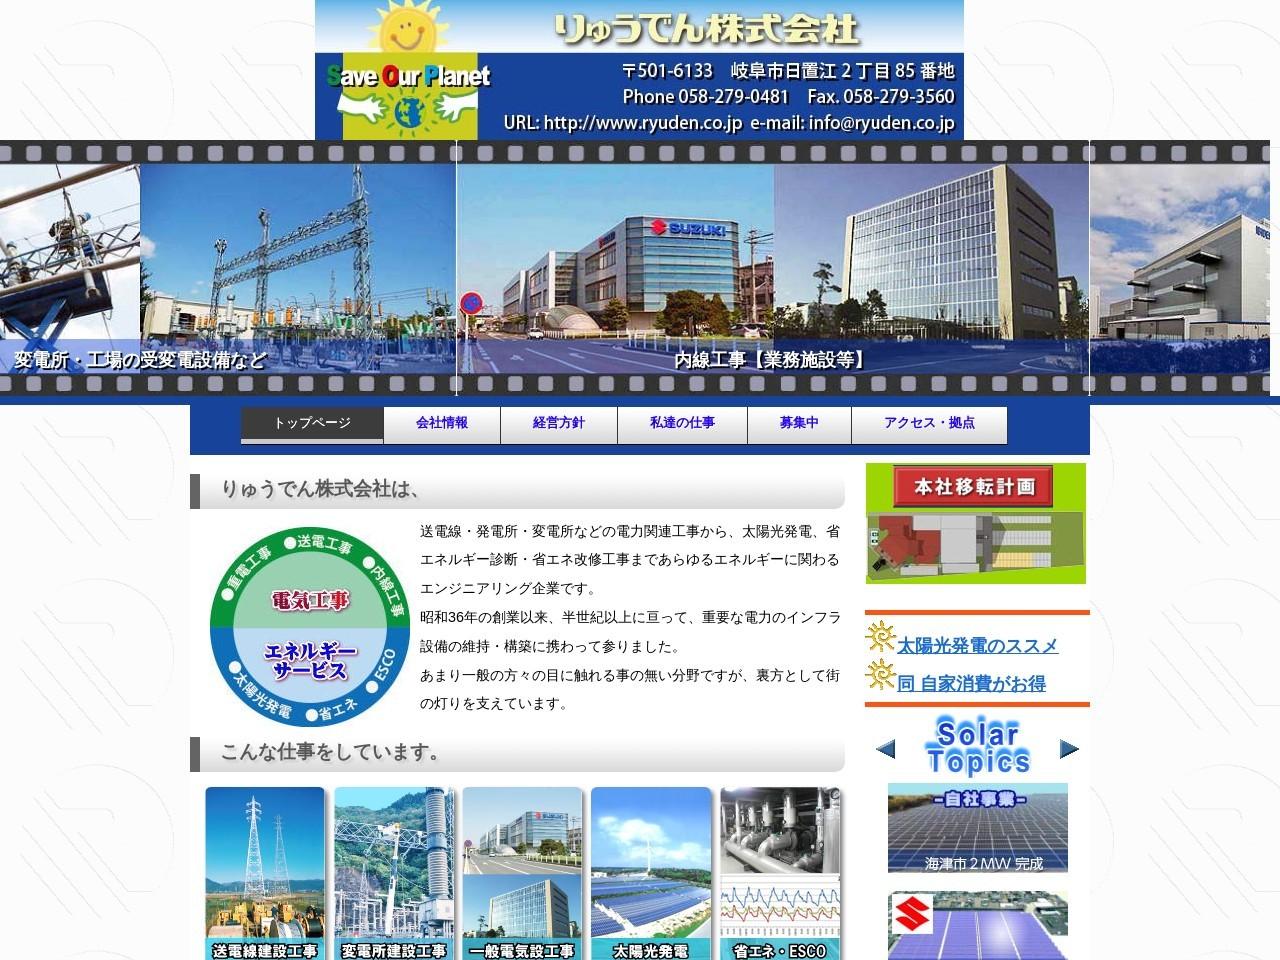 りゅうでん株式会社浜松営業所